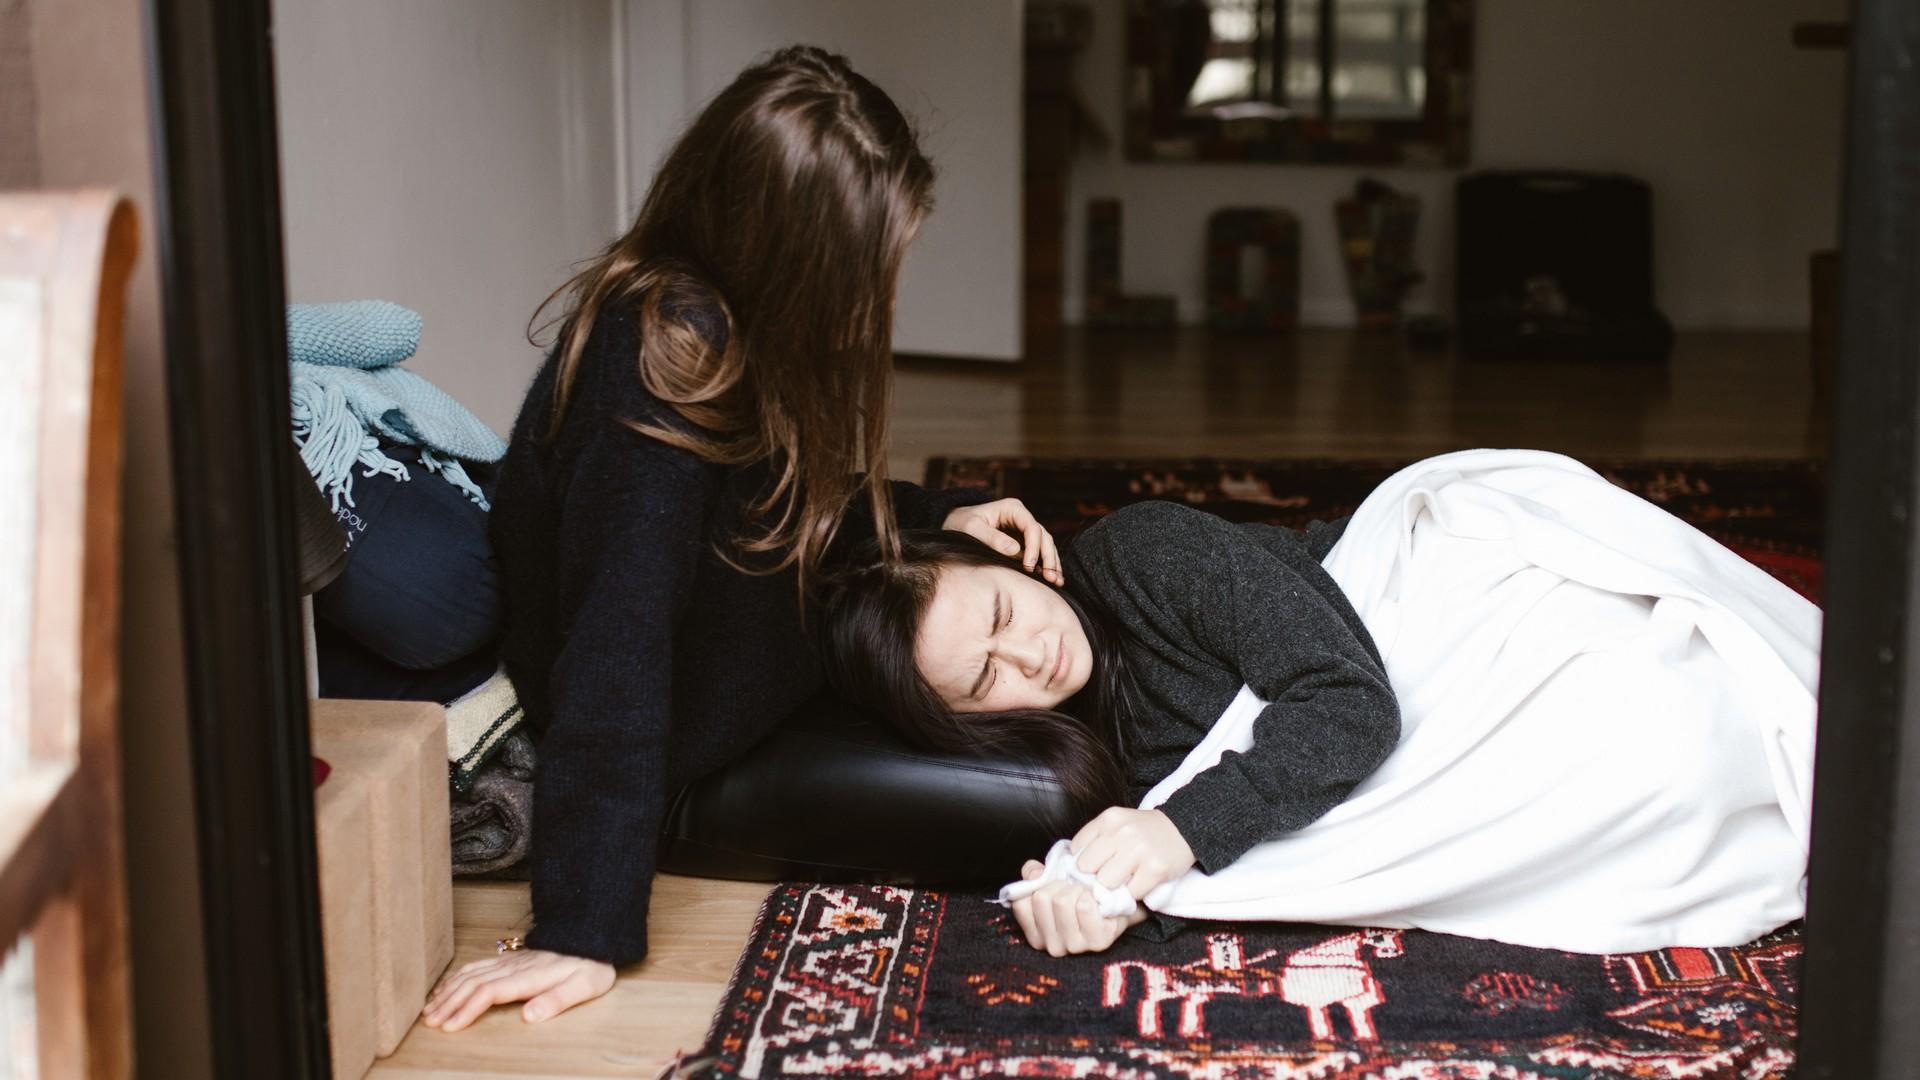 Wie-Eltern-bei-Überlastung-ihres Kindes-helfen-können.jpg